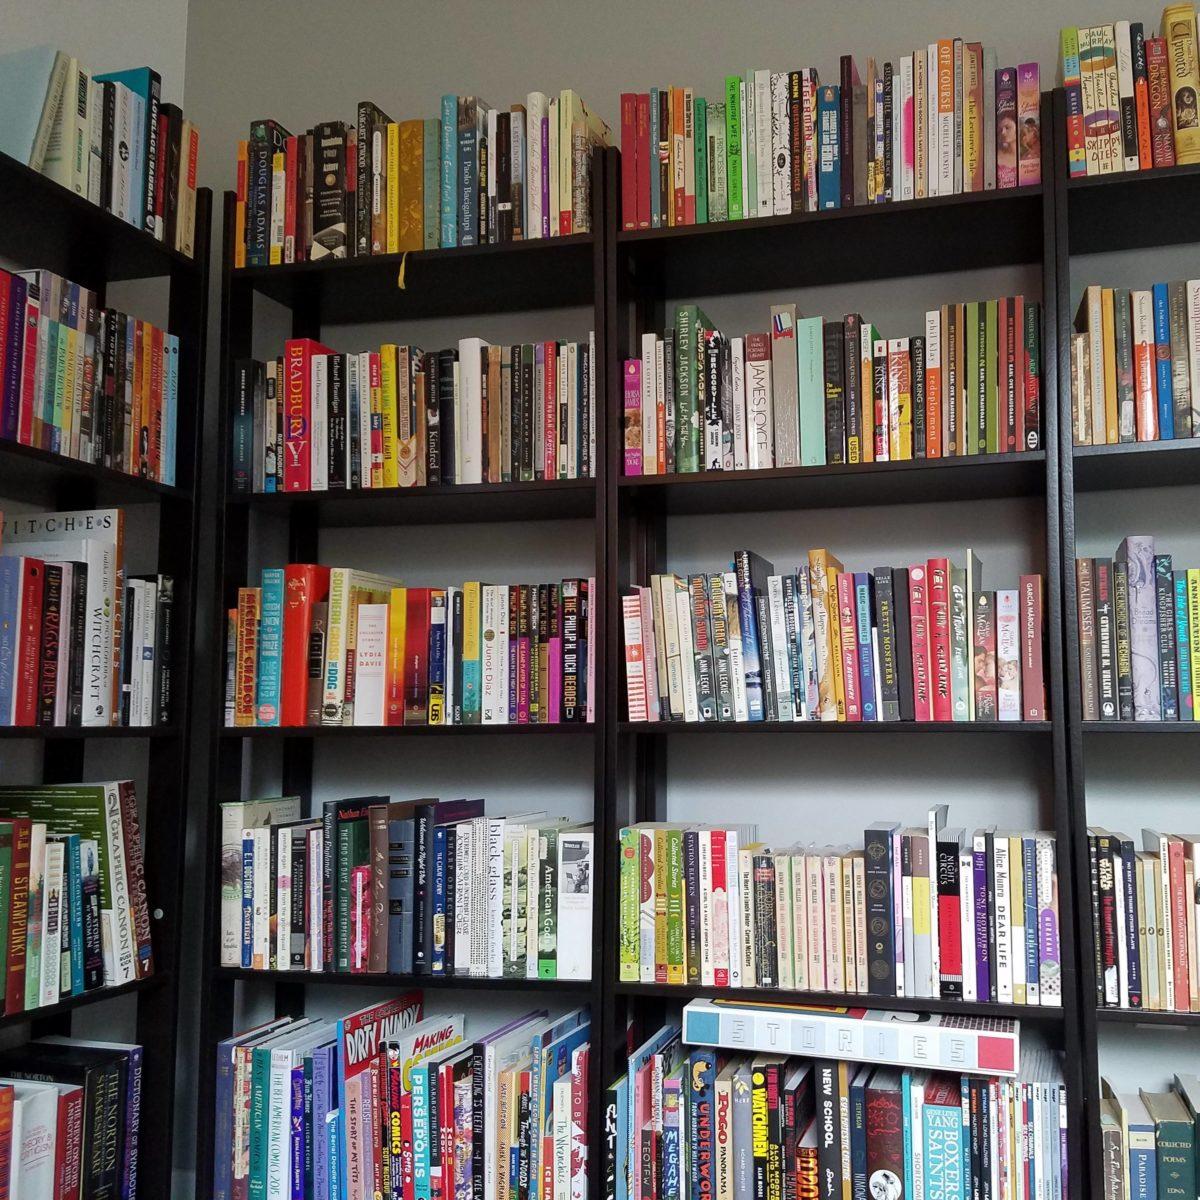 organizzare-libri-libreria-casa-consigli